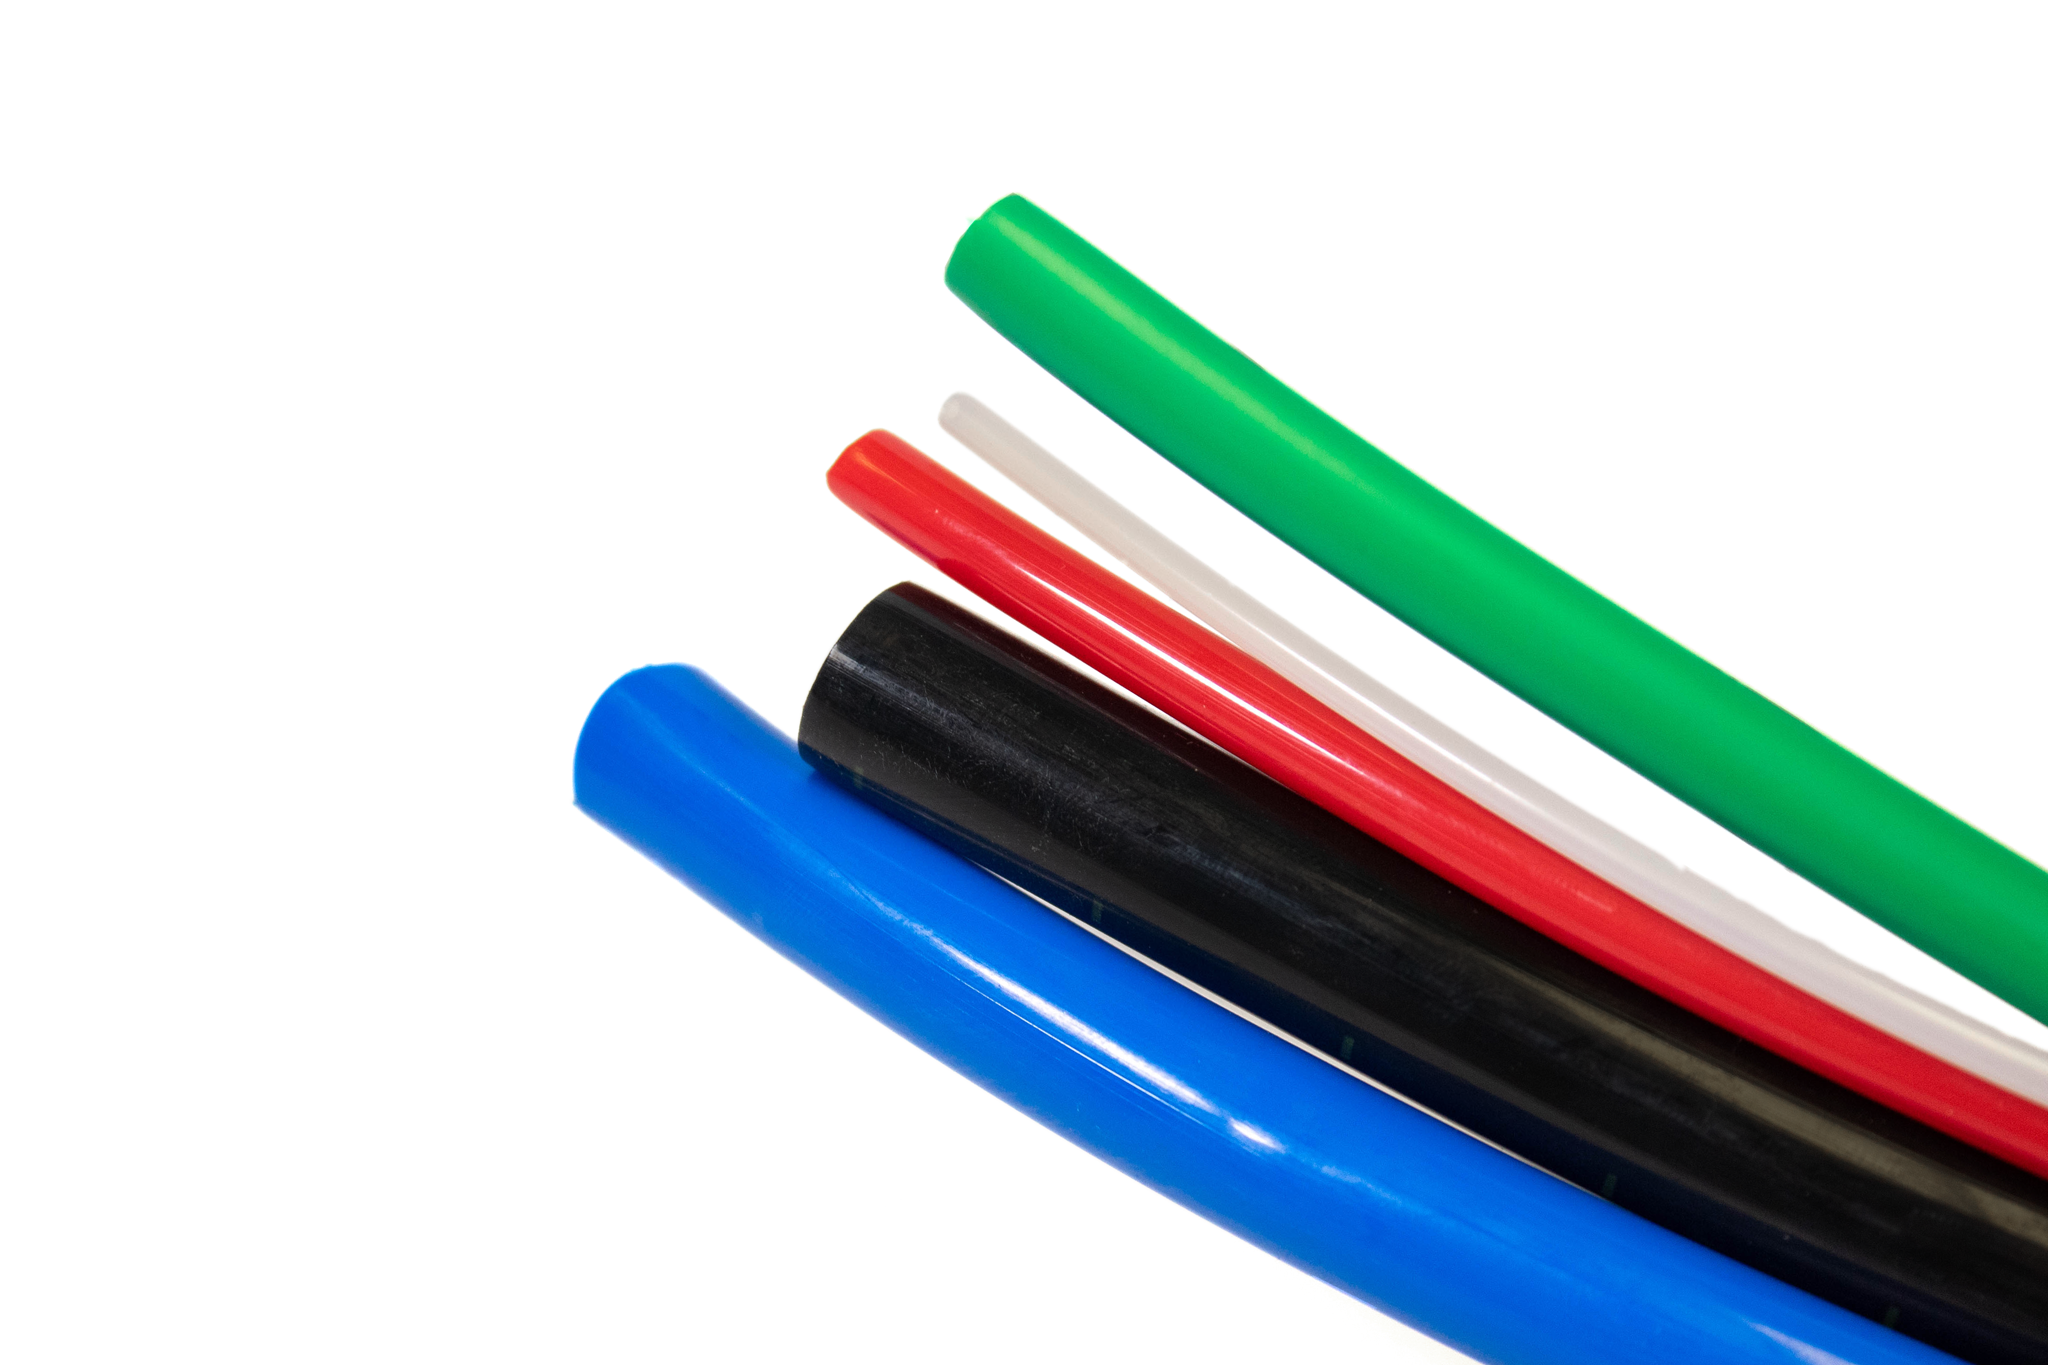 Flexible Nylon Hose Tubing Standard Wall 8.0mm O/D x 5.5mm I/D x 1.25mm Wall Green